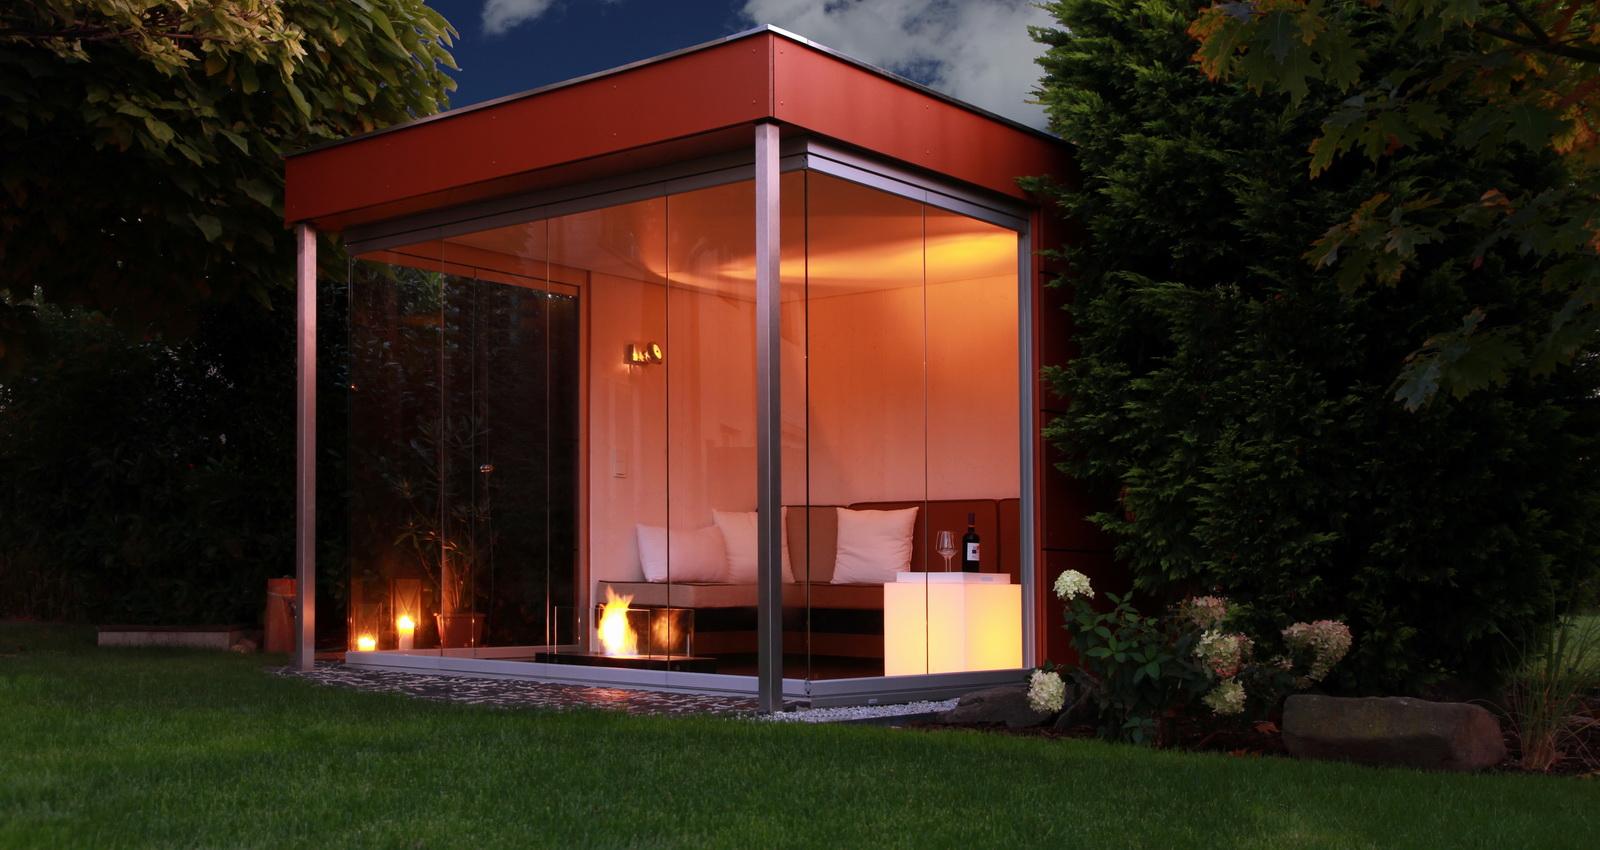 Design Gartenhaus design gartenhaus moderne gartenhäuser schicke gartensauna auch